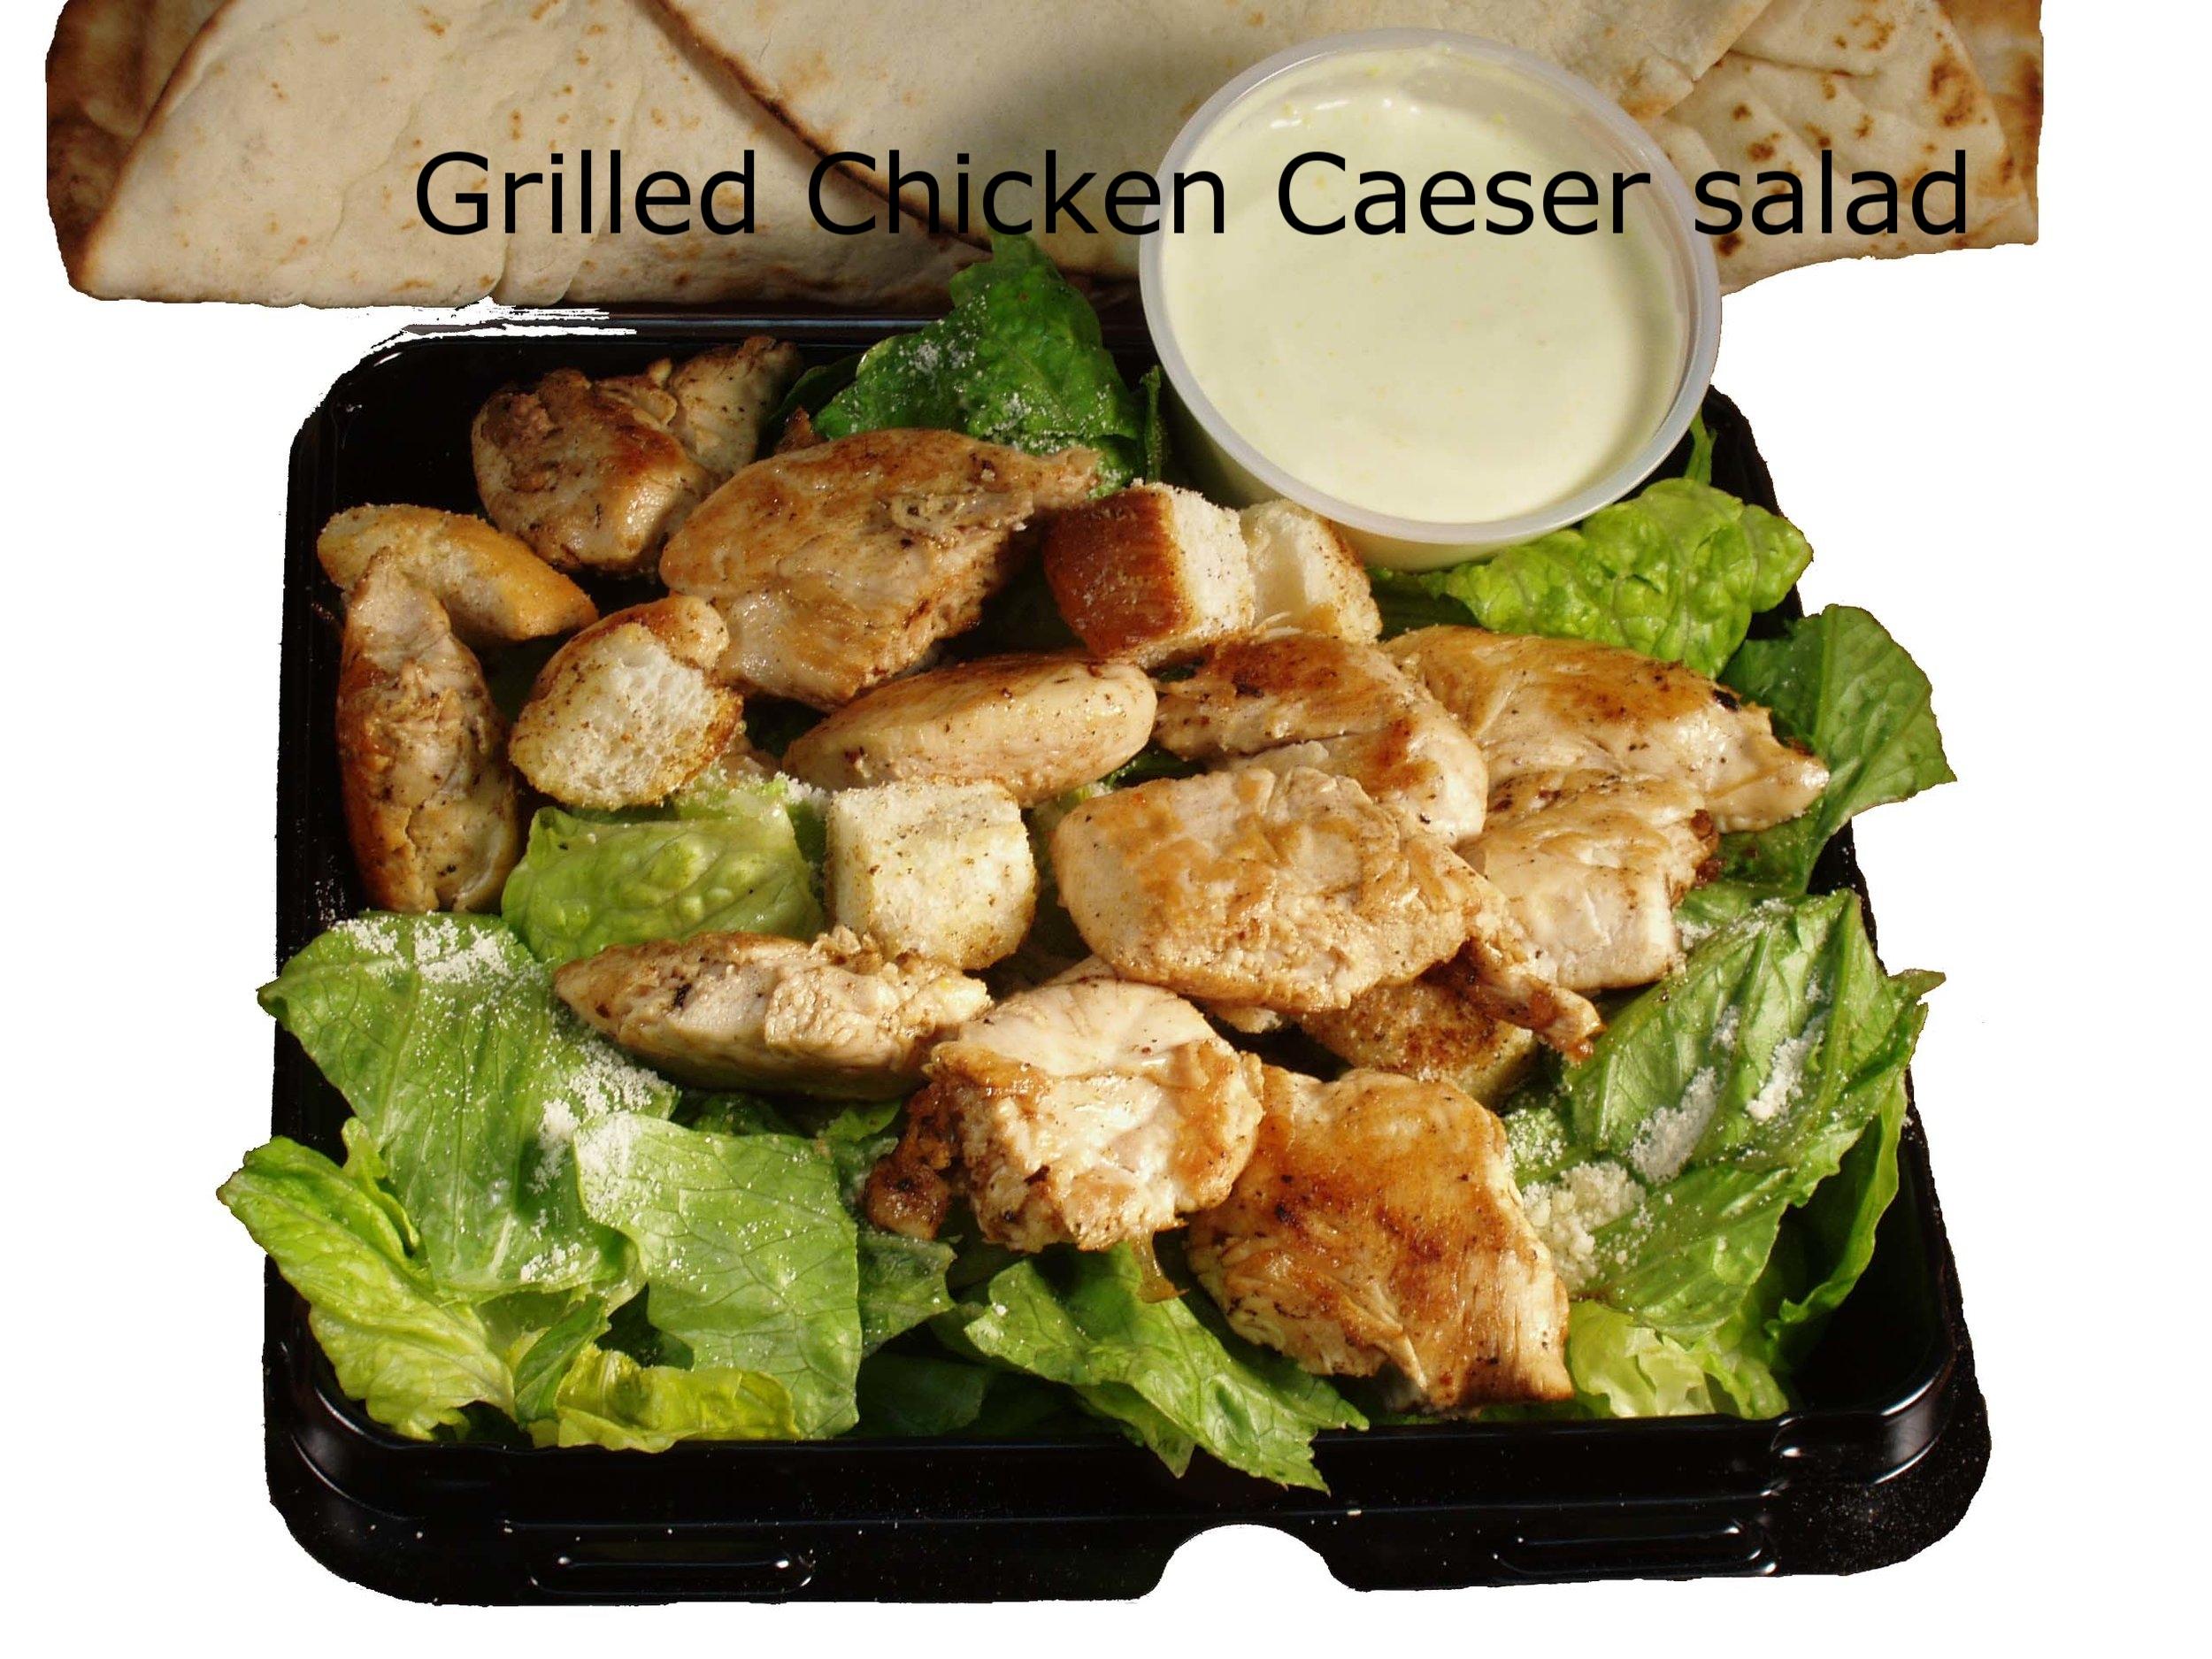 GRILLED CHICKEN CAESAR SALAD1.jpg